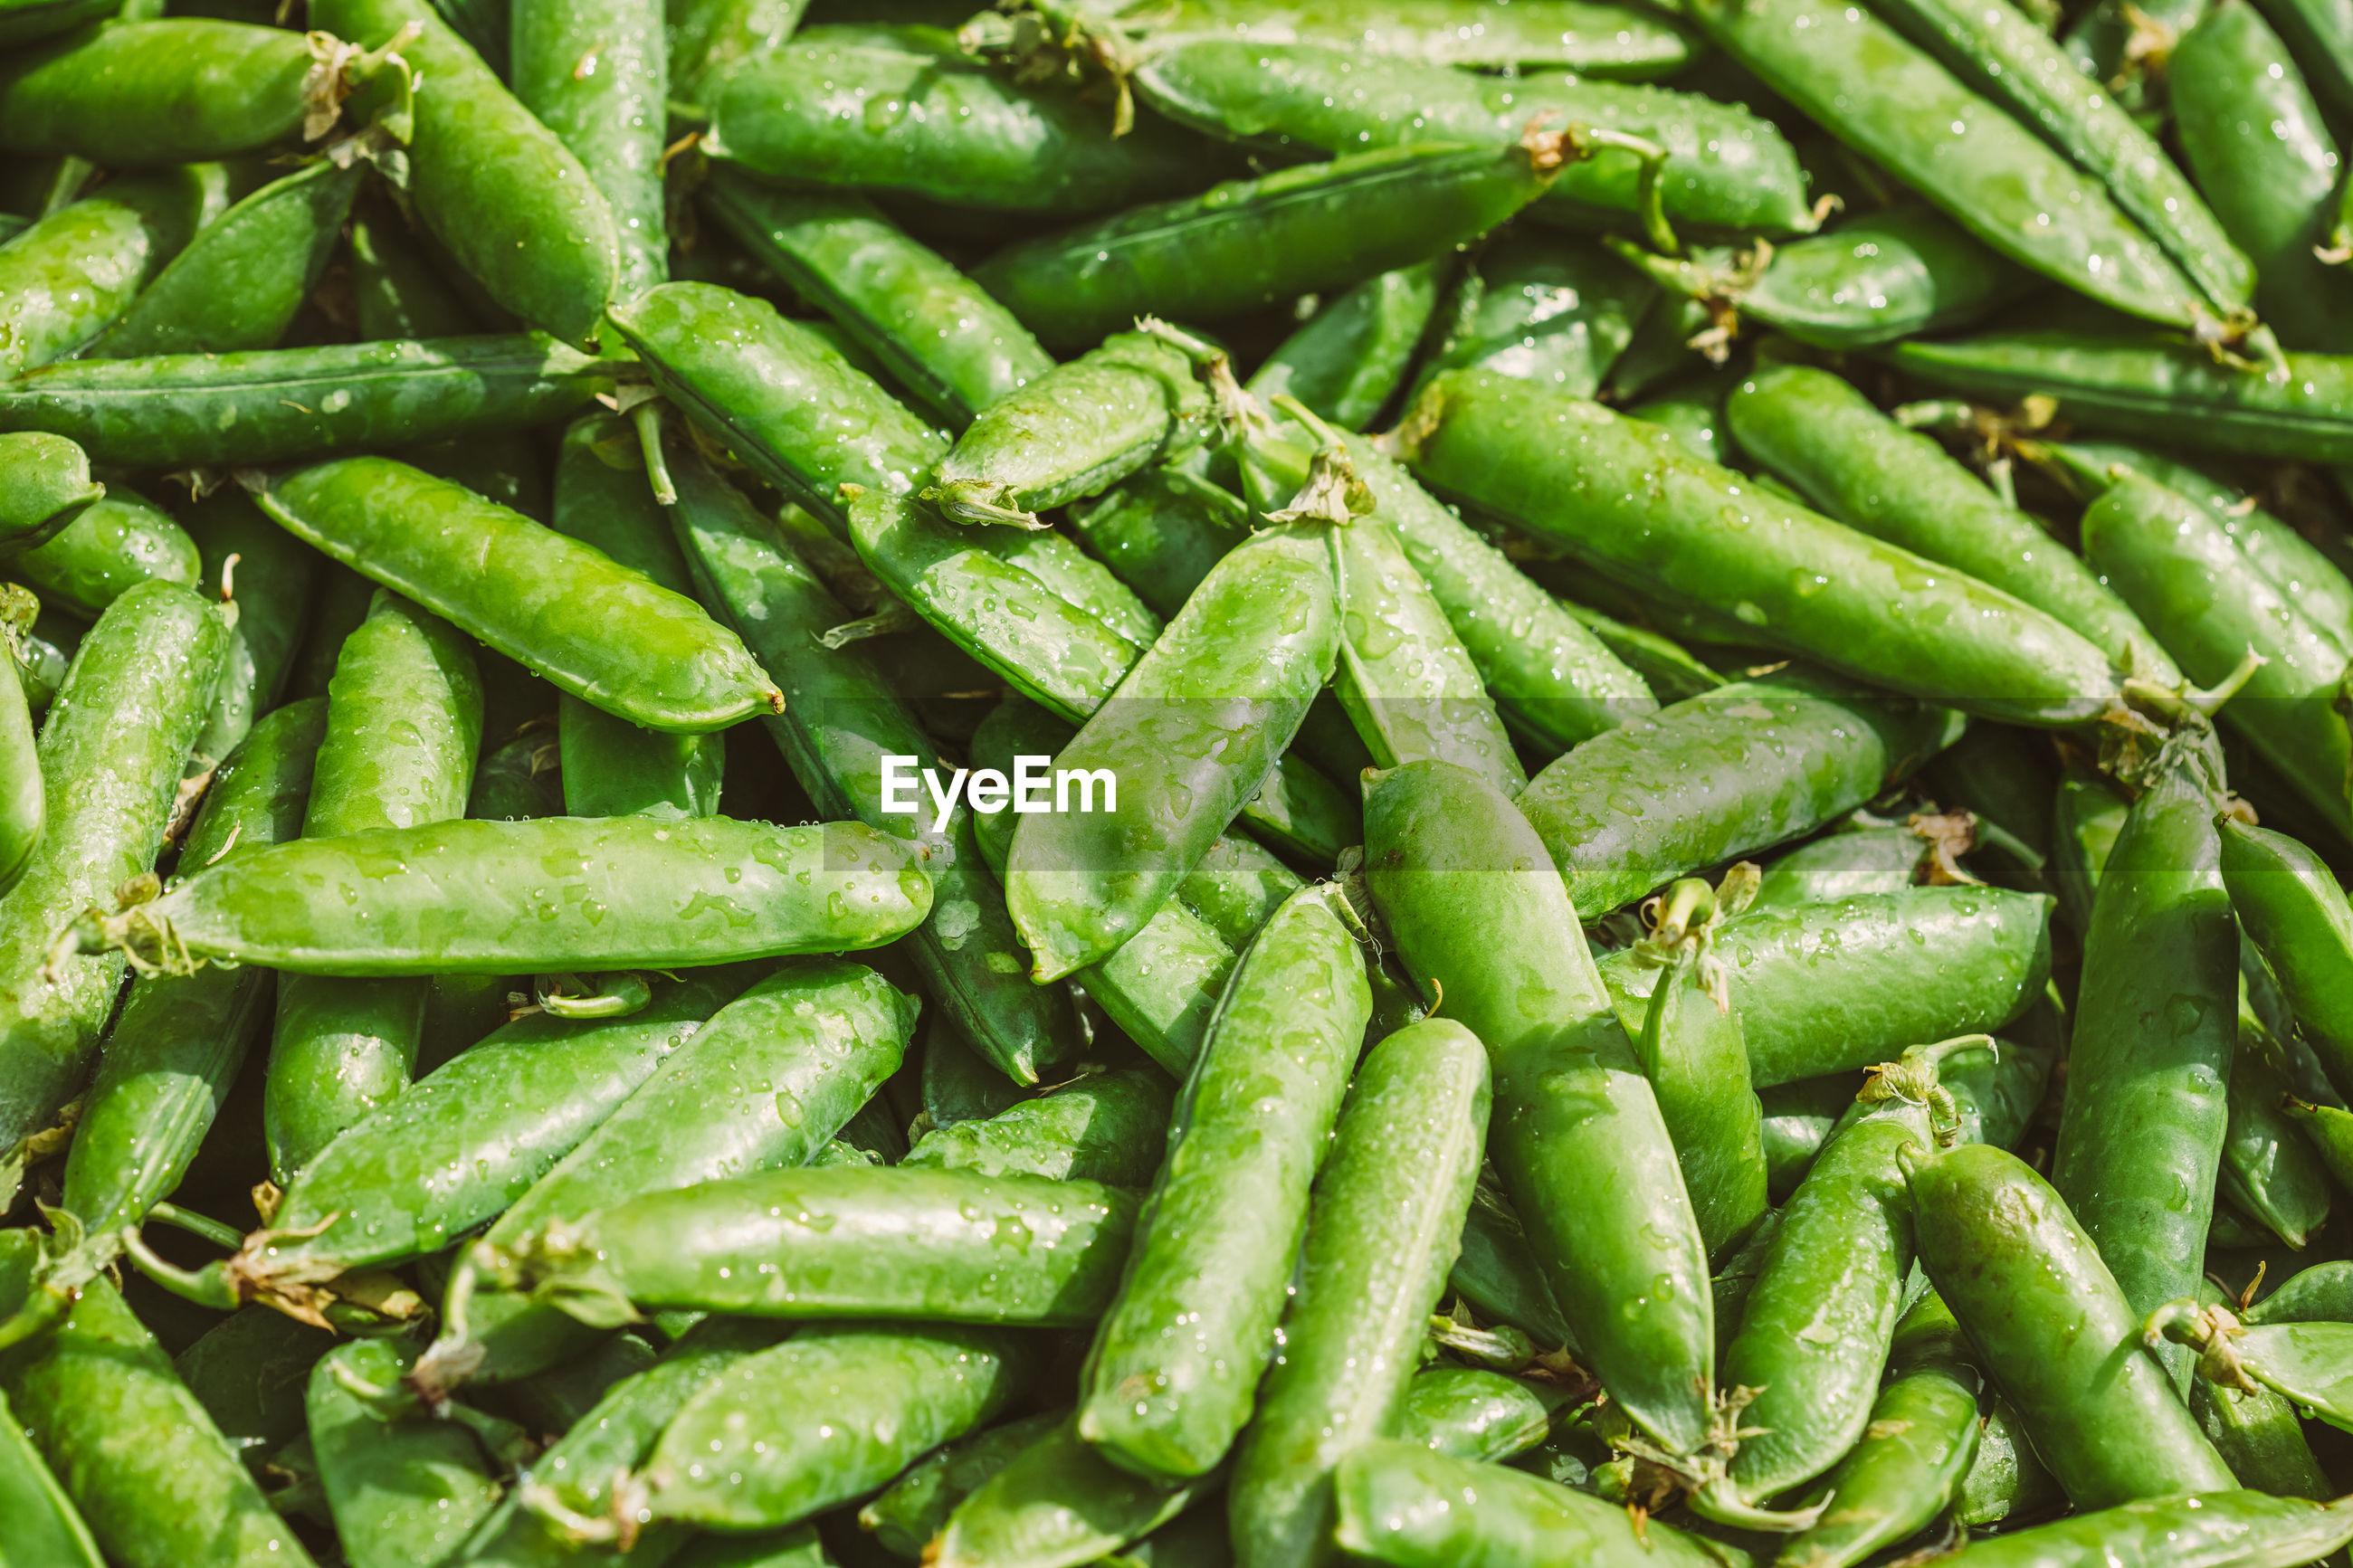 Full frame shot of wet green peas for sale at market